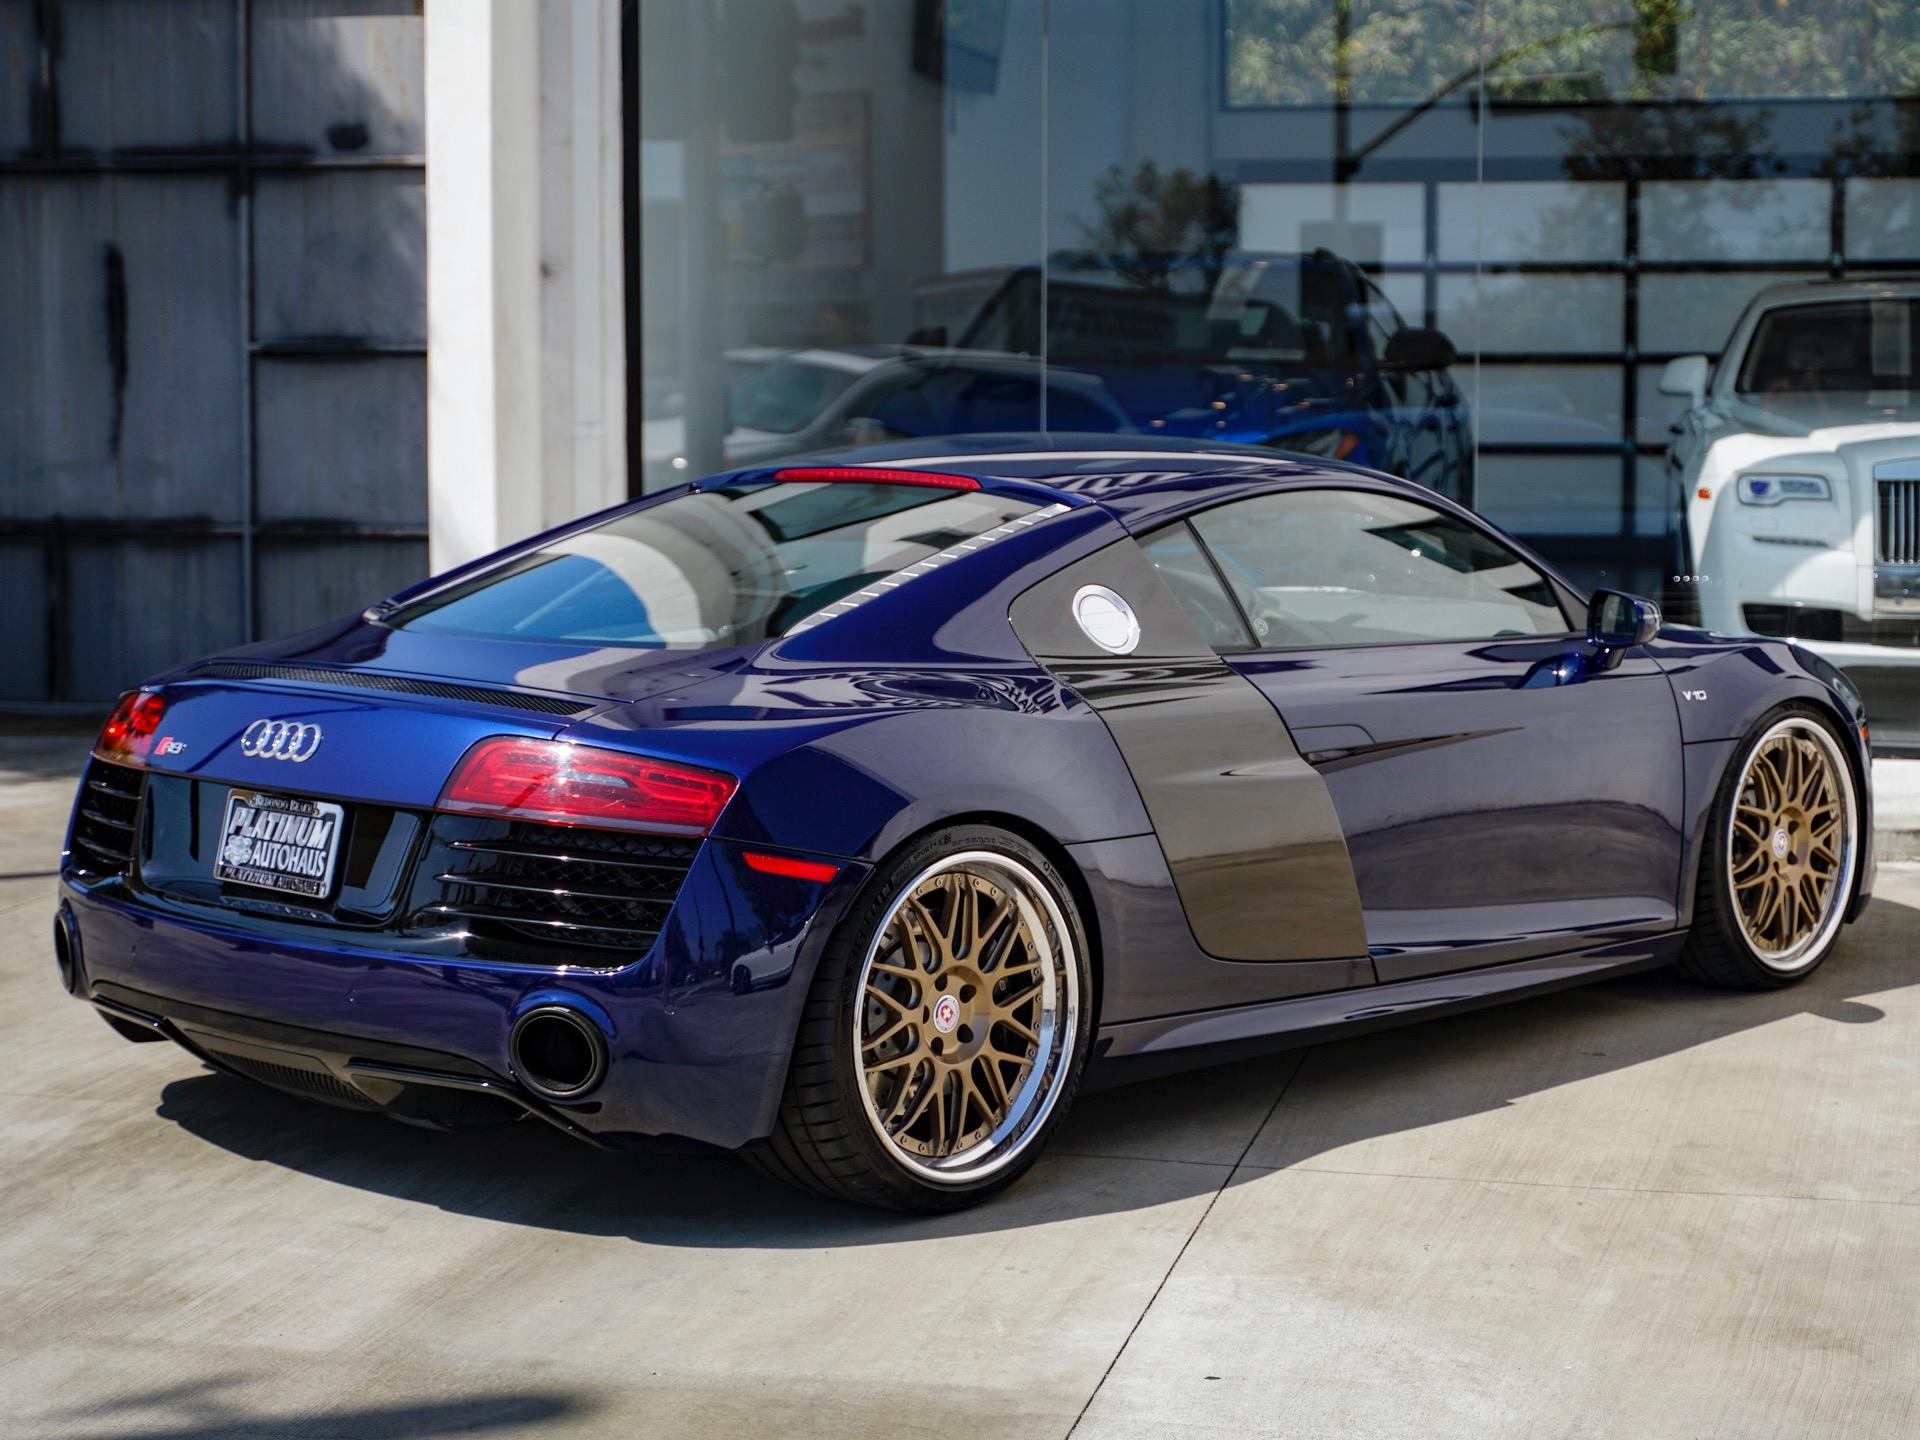 Used-2014-Audi-R8-52-quattro